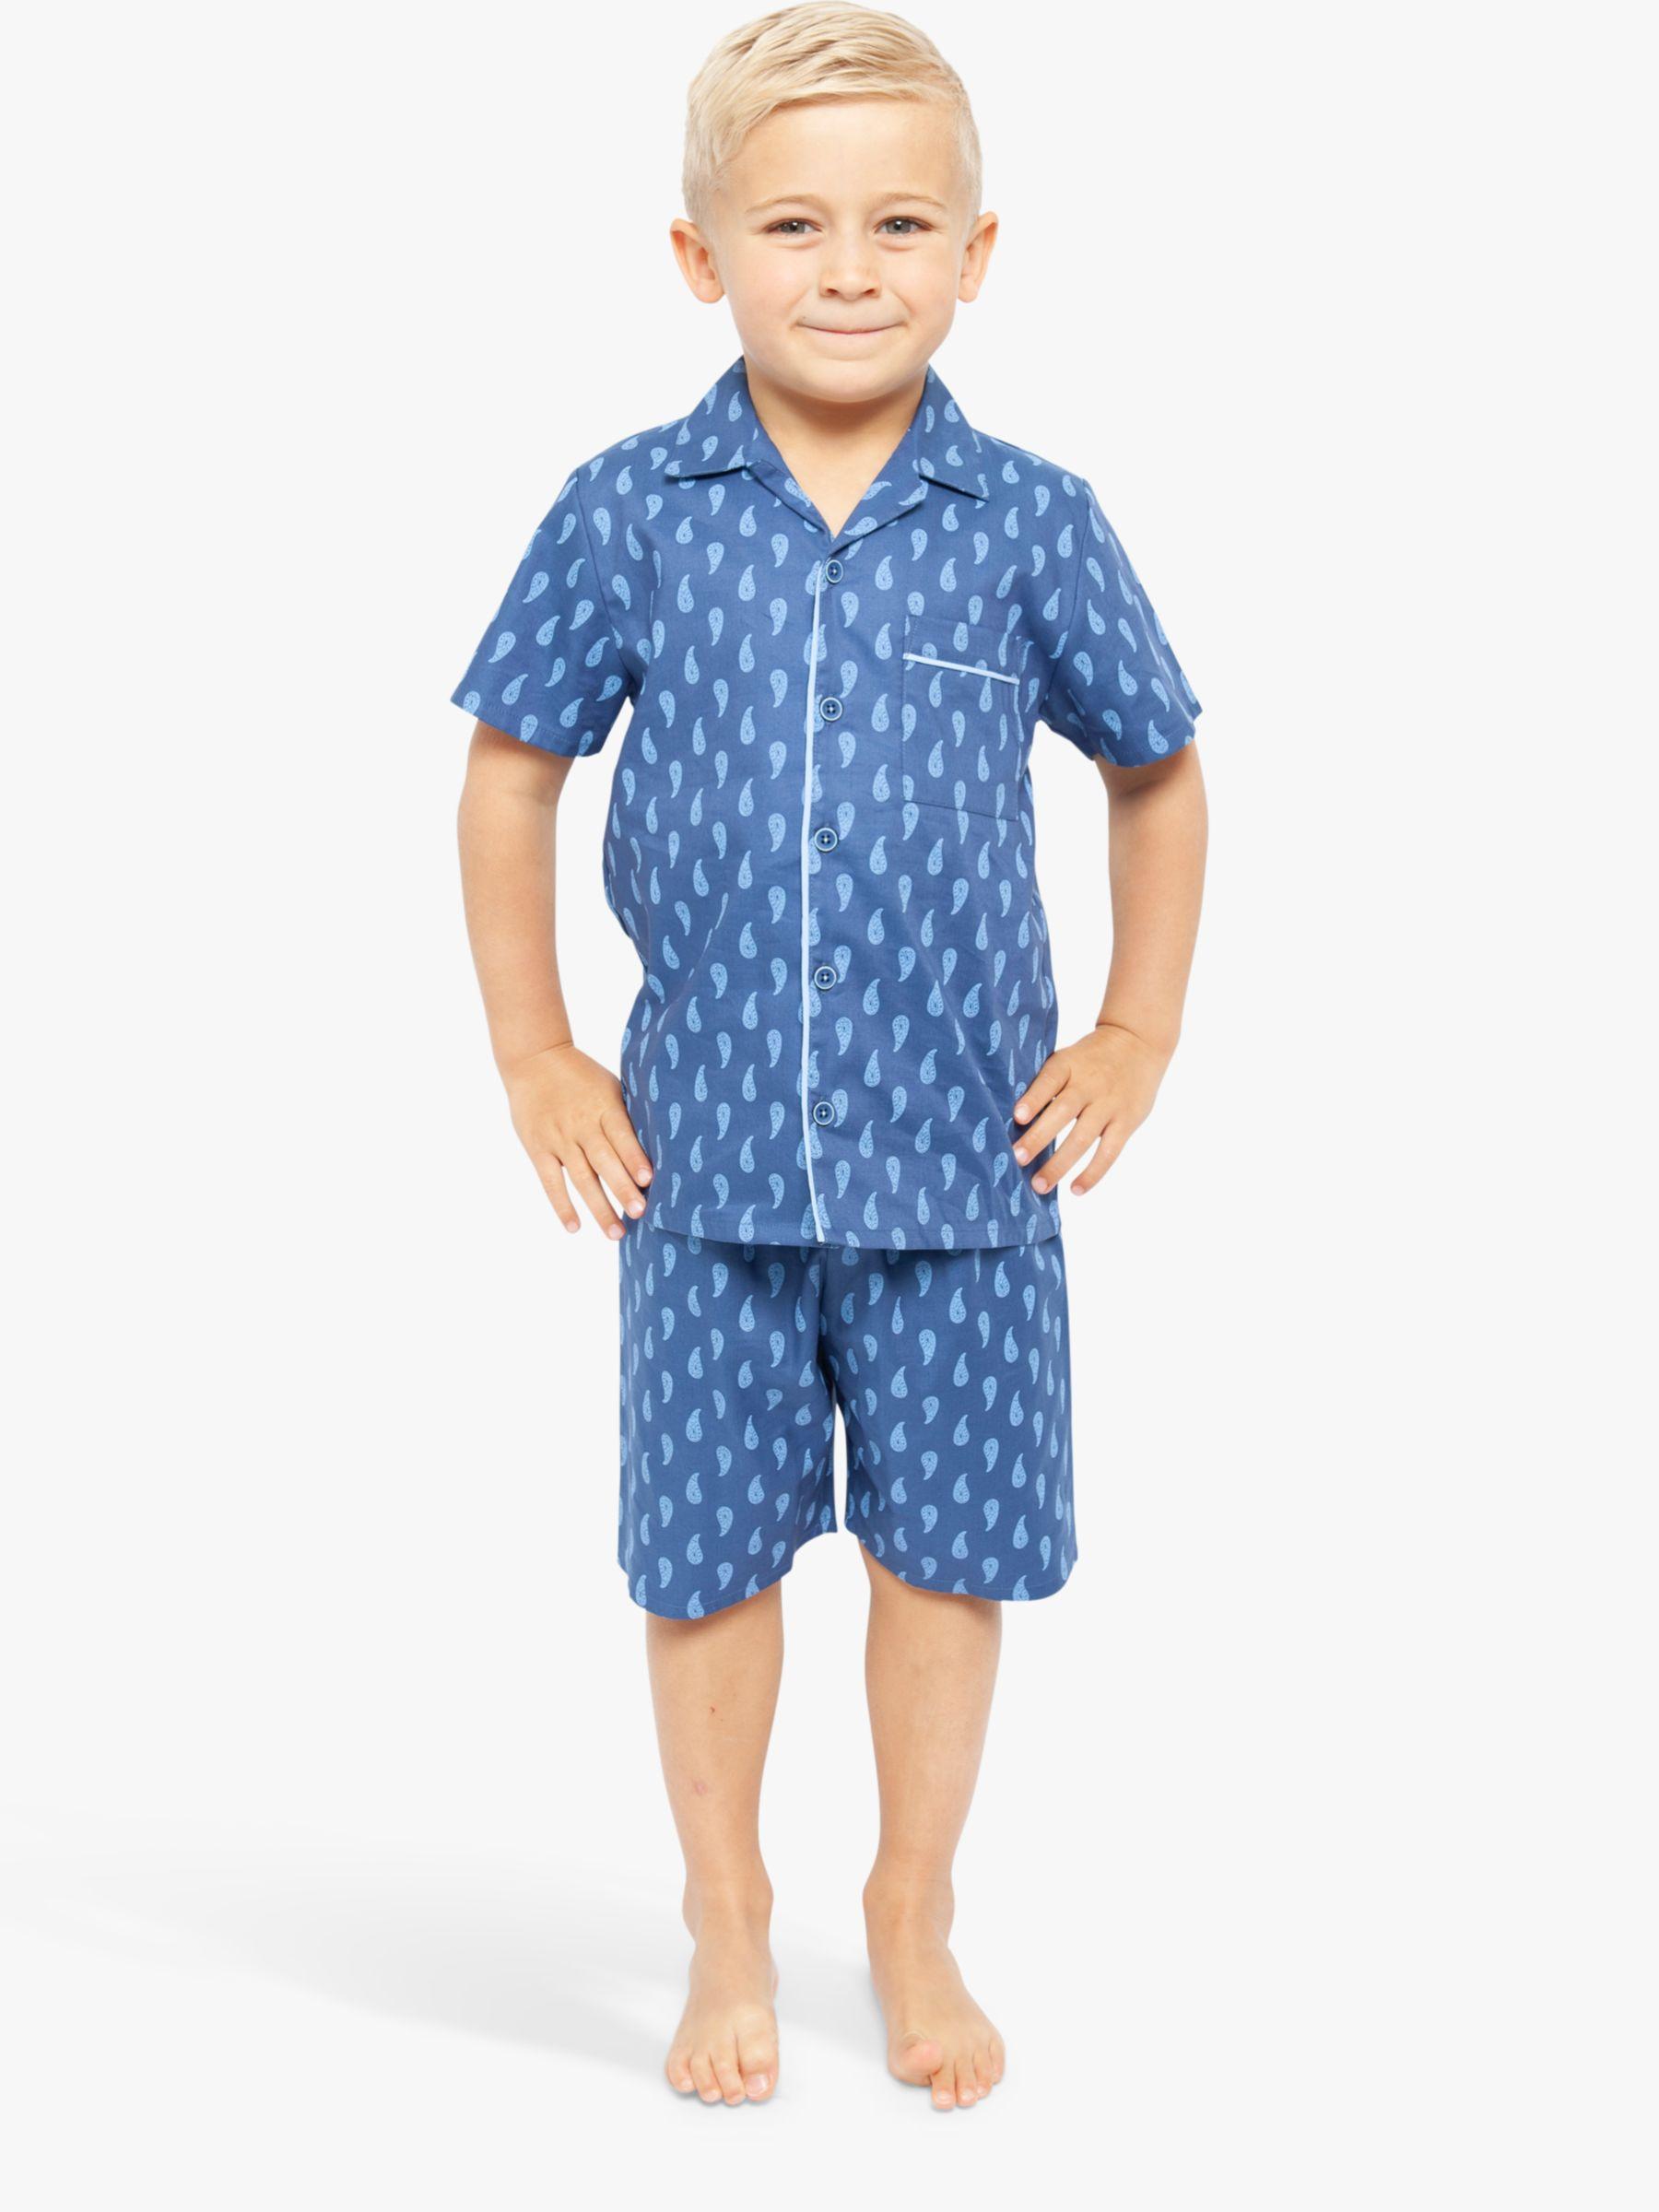 Cyberjammies Cyberjammies Boys' Paisley Shortie Pyjama Set, Blue